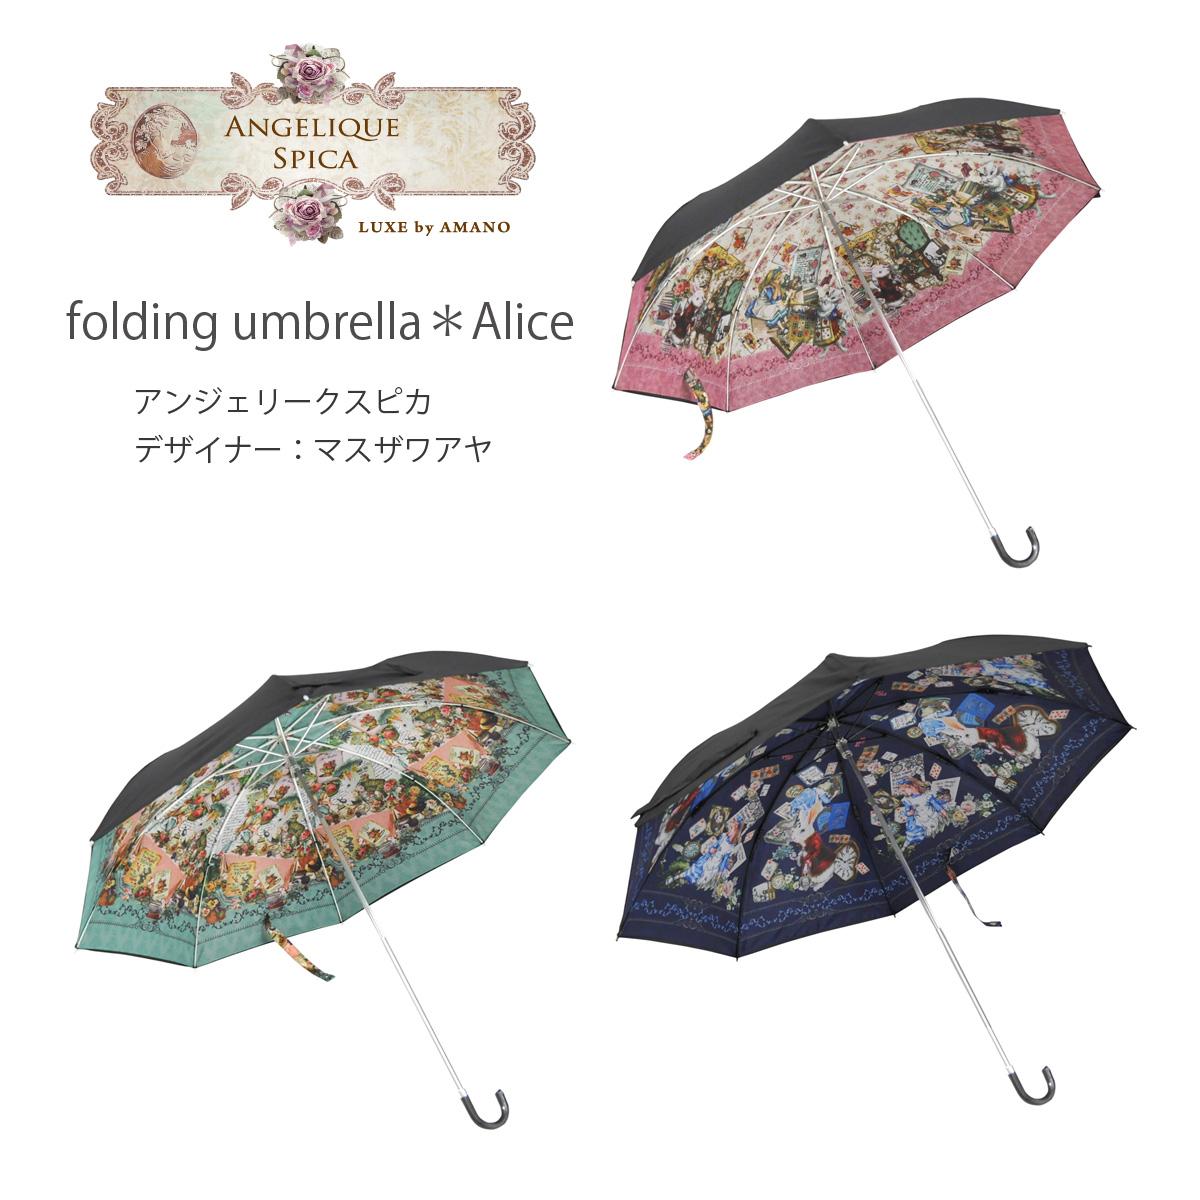 <AMANO>【ANGELIQUE SPICA】晴雨兼用二重張り折りたたみ傘・アリス柄3種